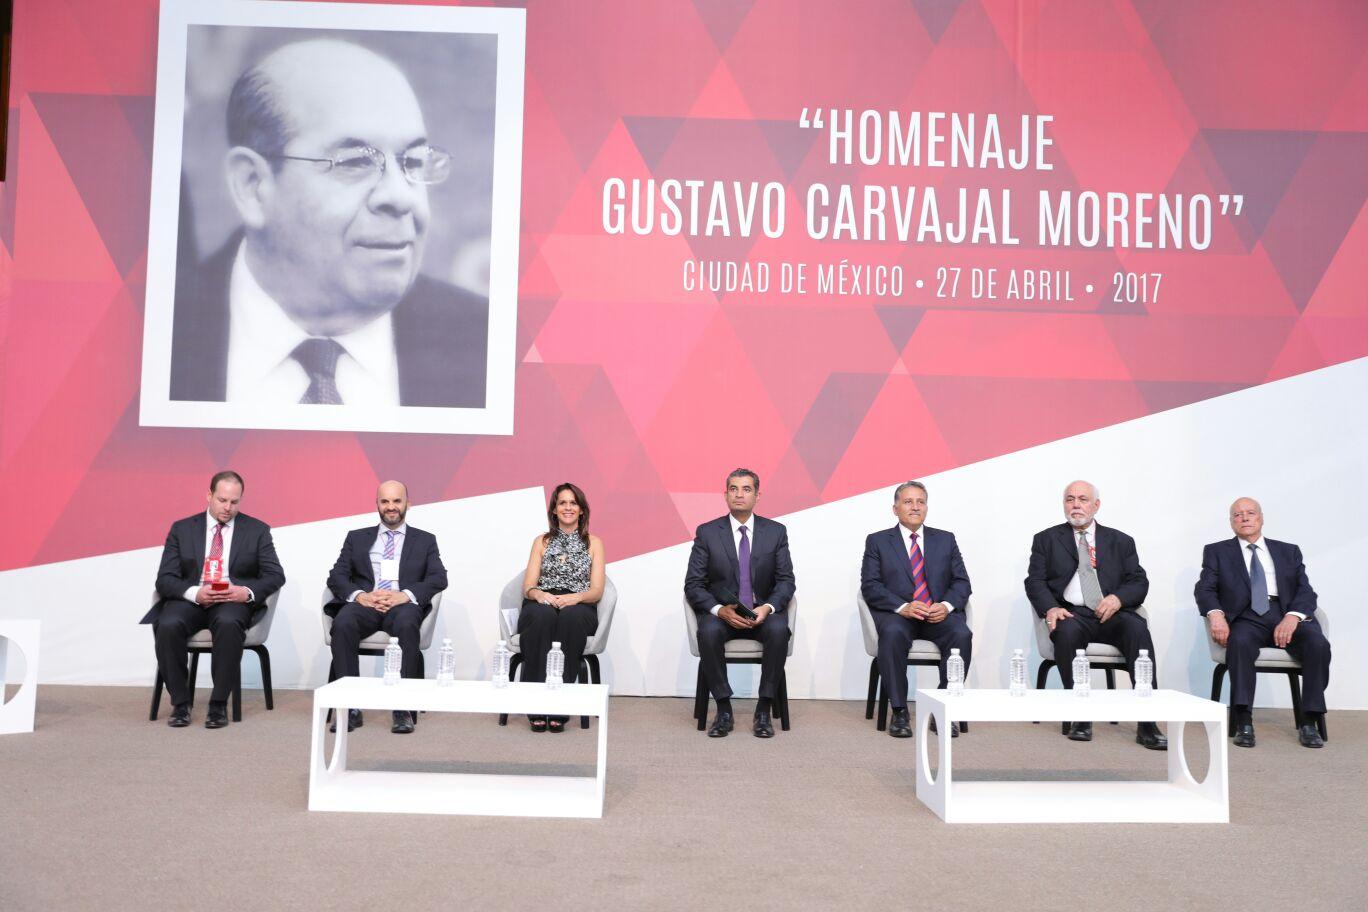 Enfocará PRI su visión en principios de justicia social por los que luchó Gustavo Carvajal: Enrique Ochoa